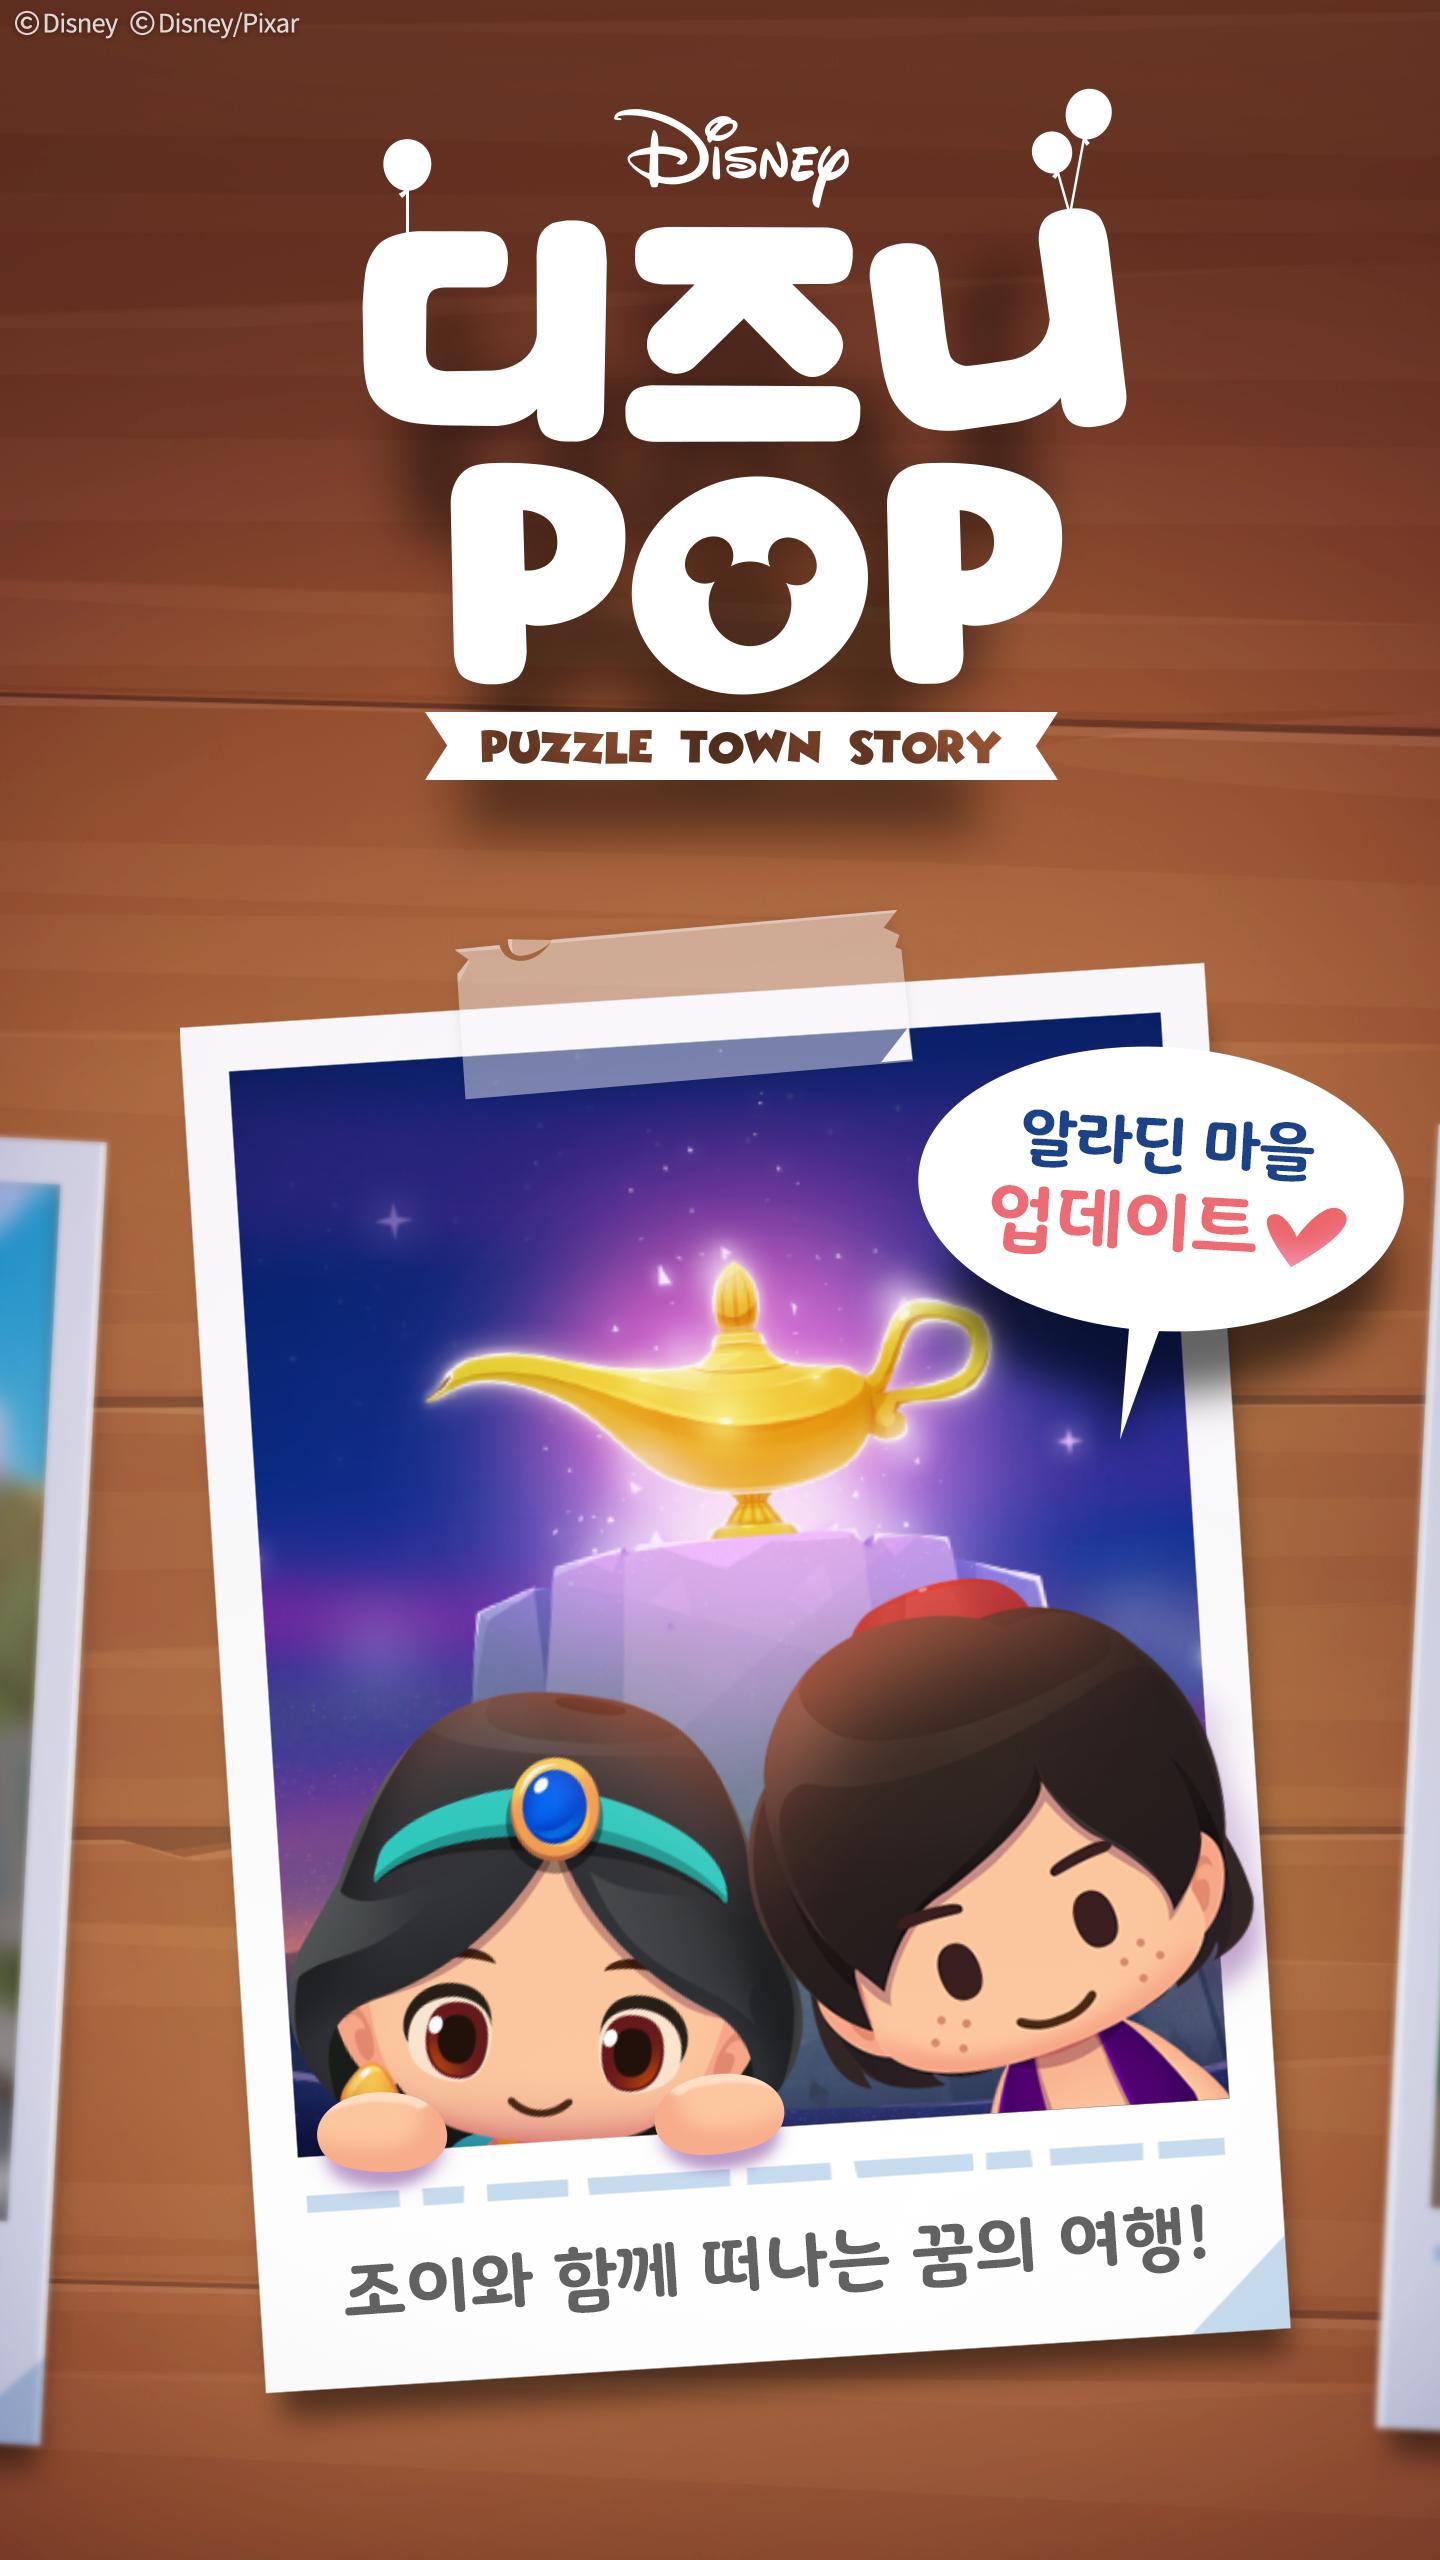 [선데이토즈] 디즈니팝 - 알라딘.png